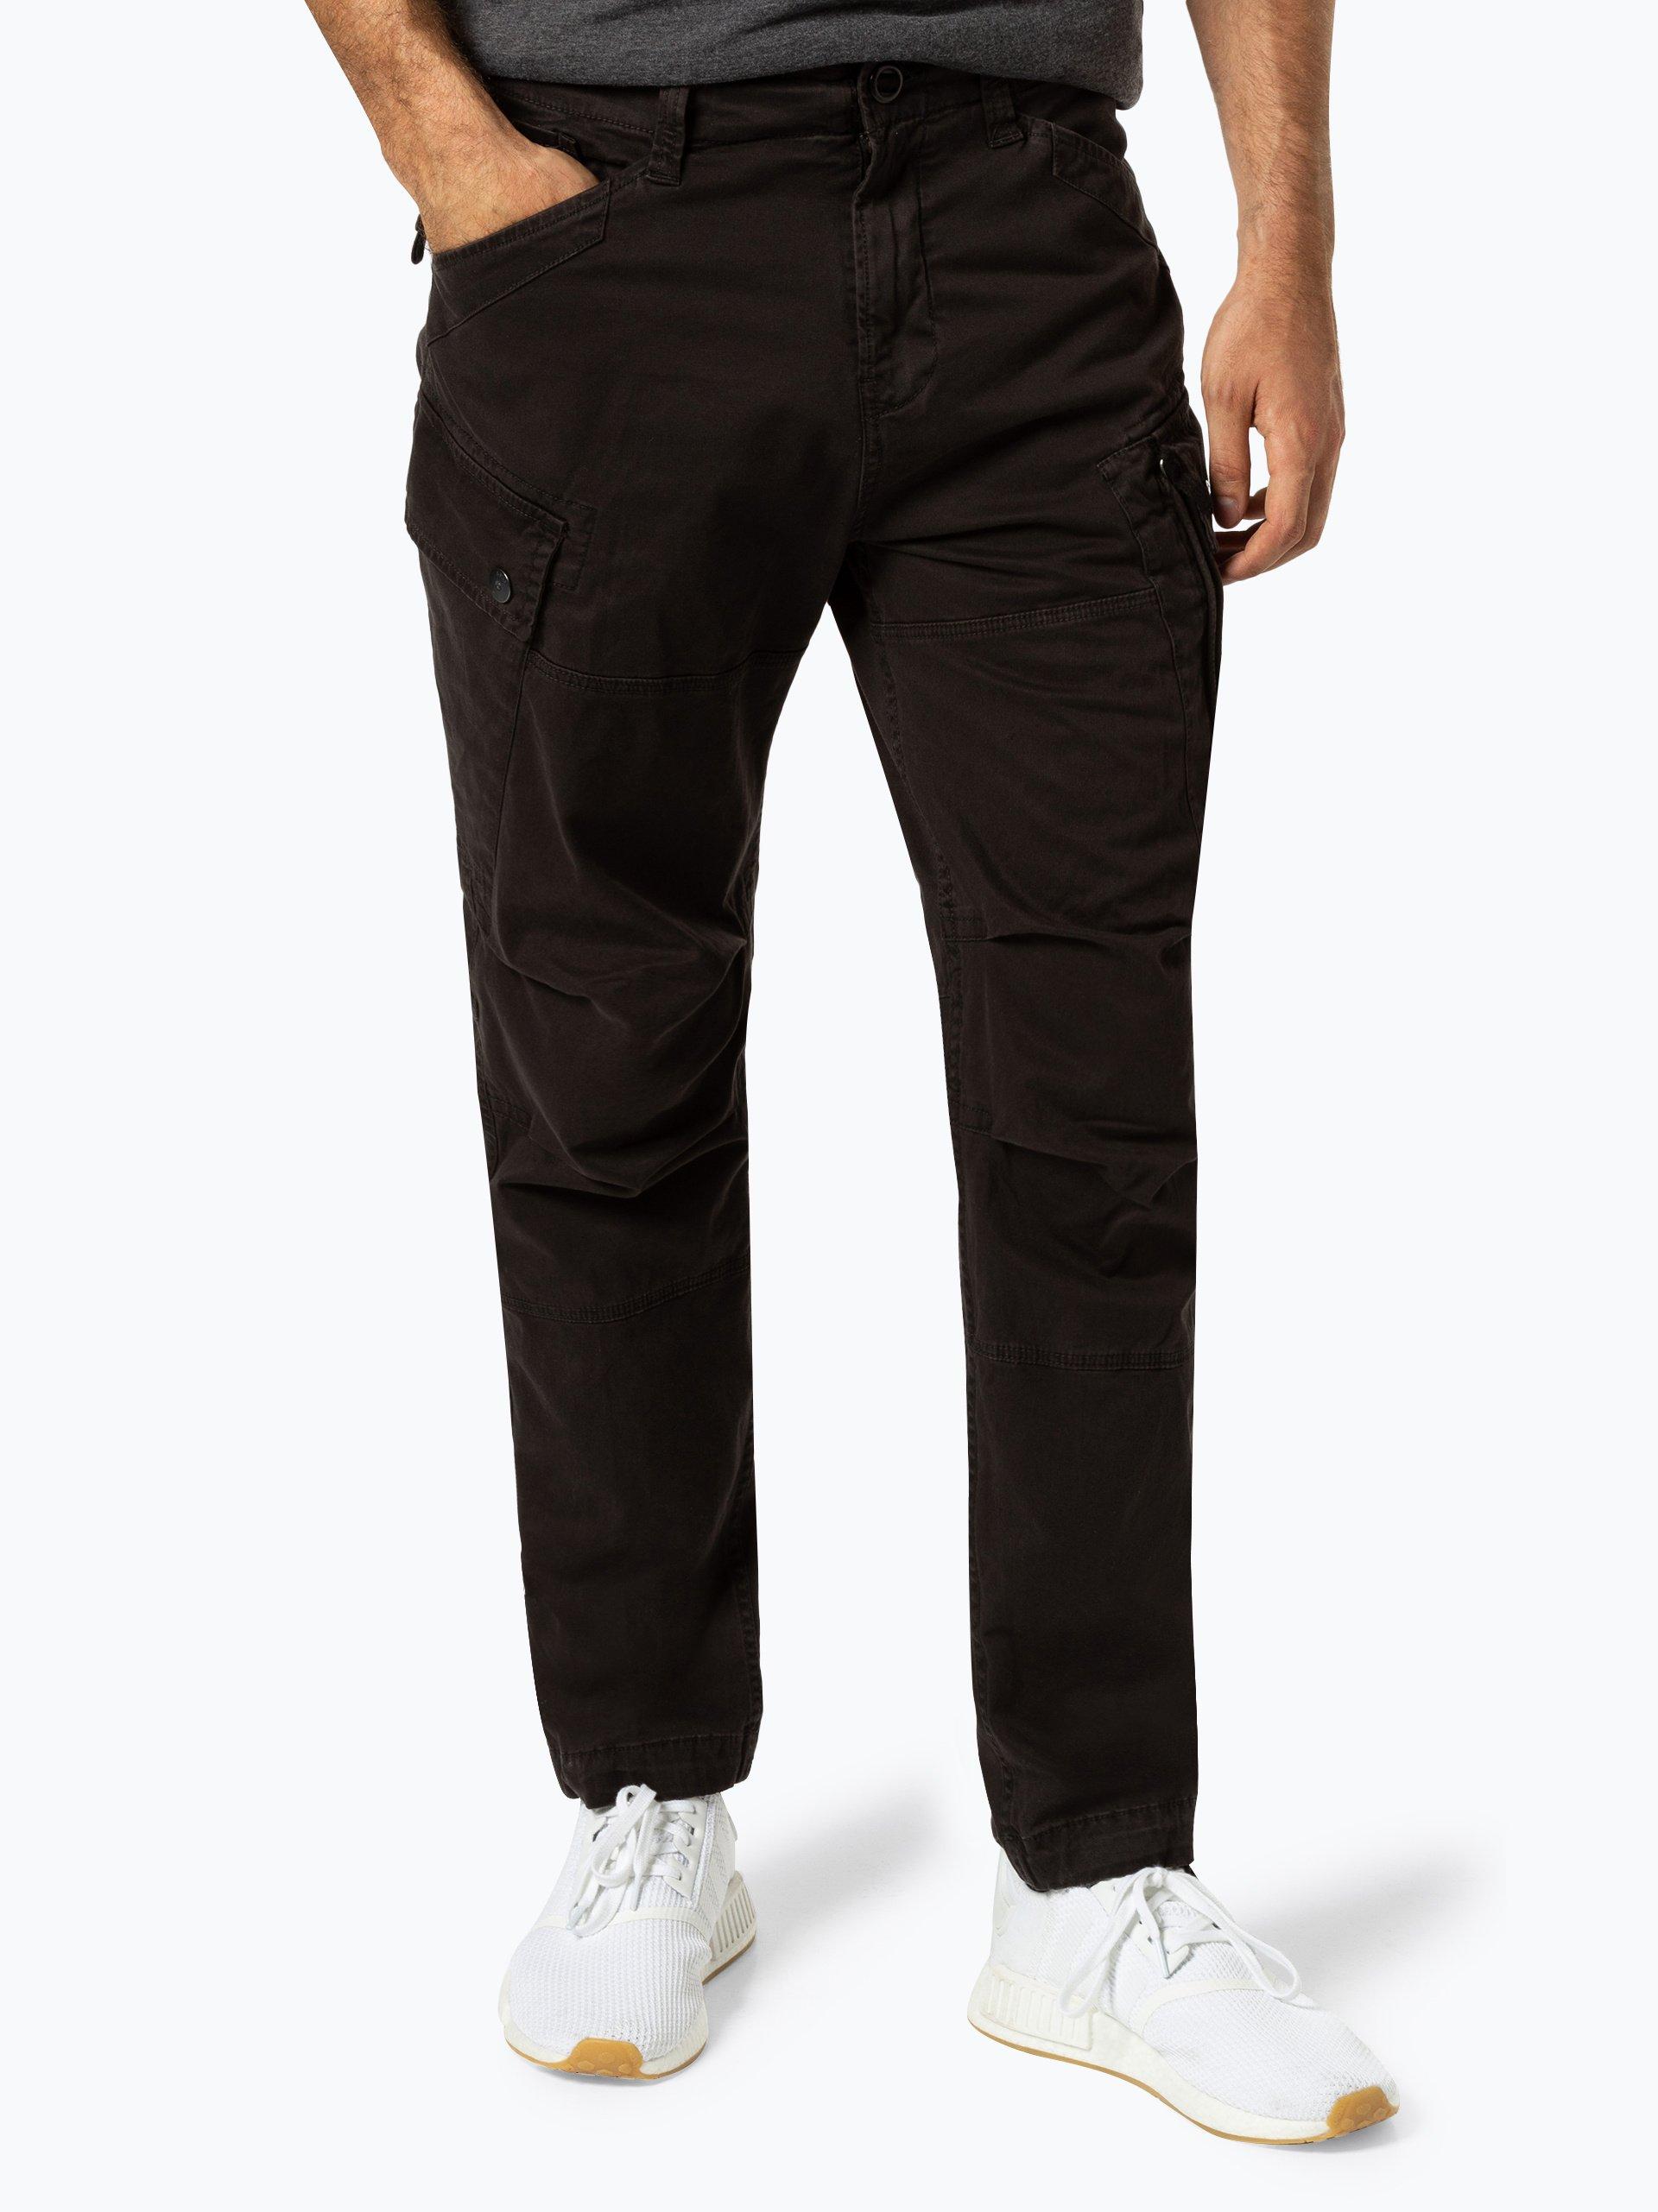 G-Star RAW Spodnie męskie – Roxic Cargo